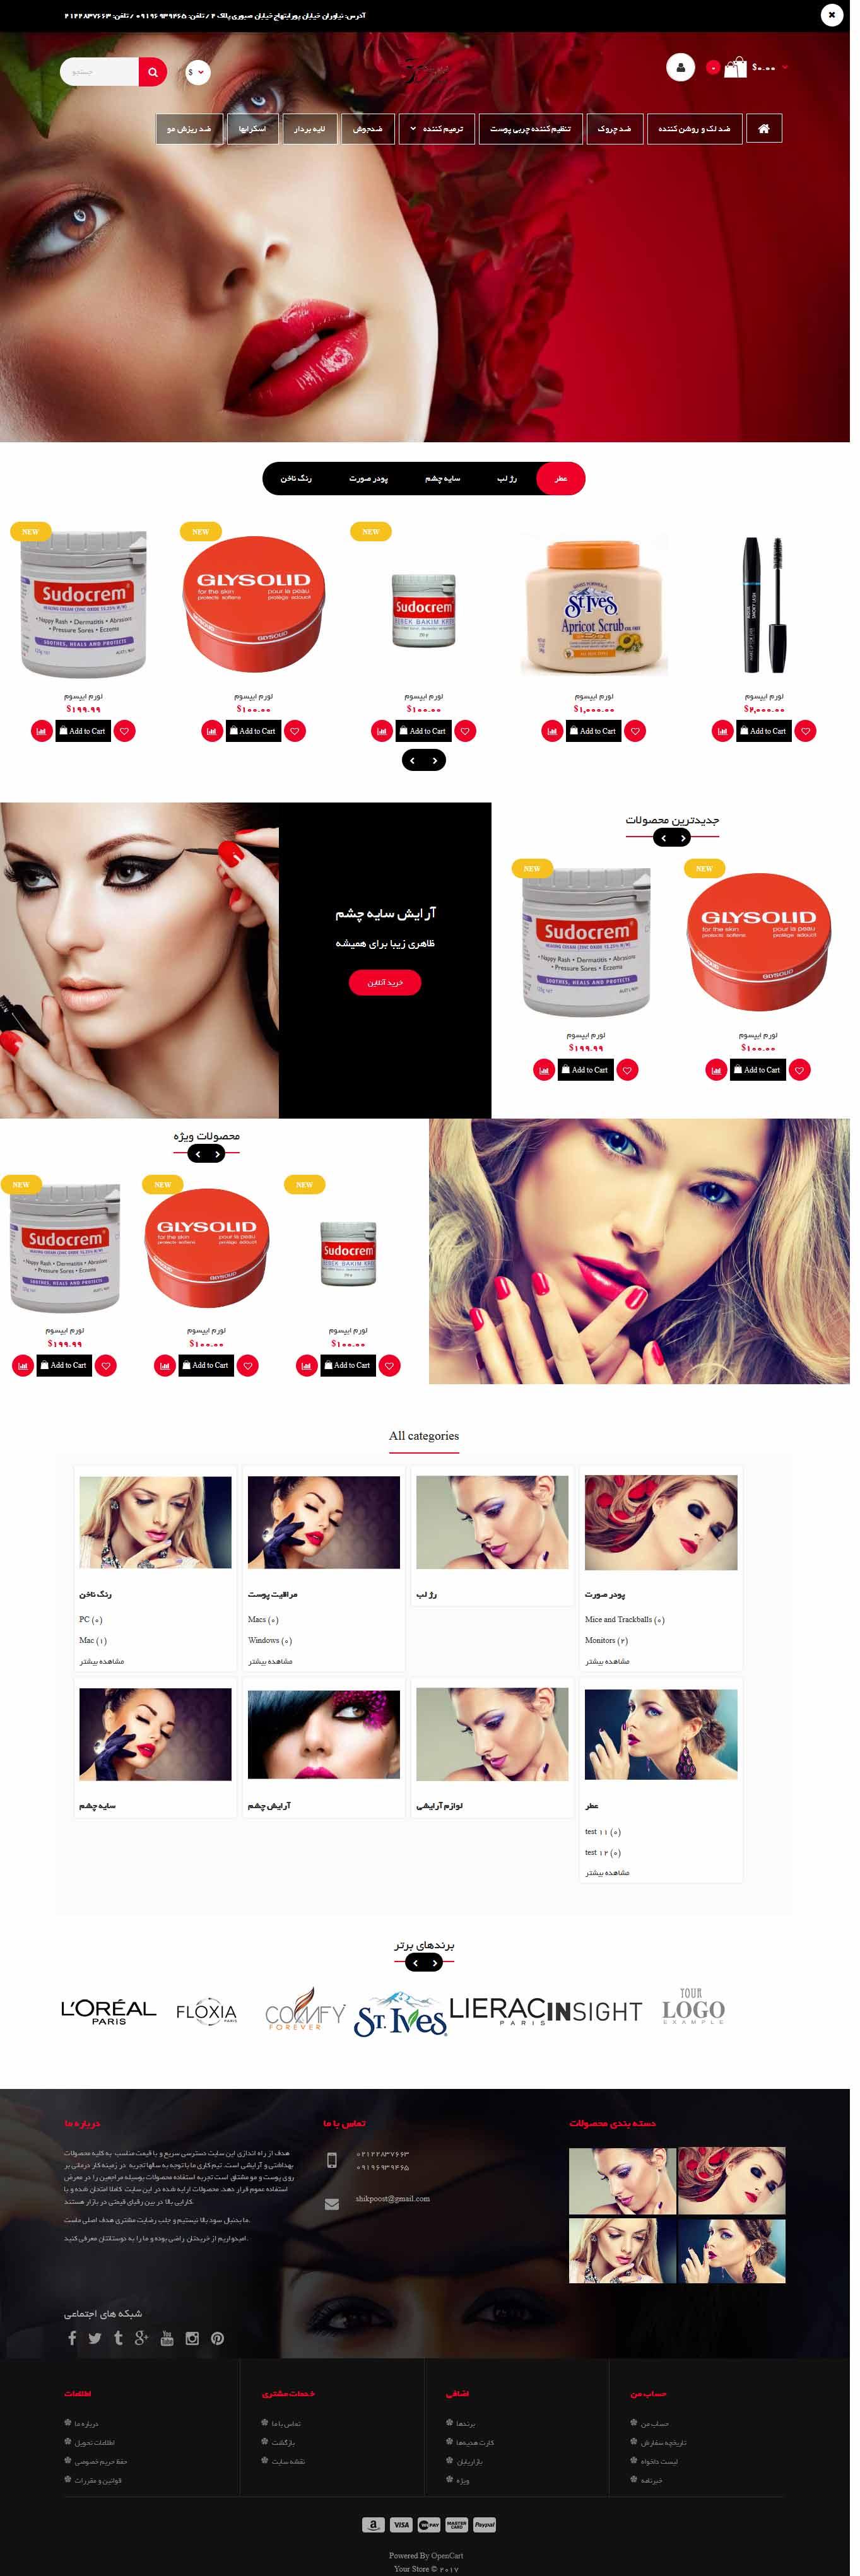 طراحی سایت فروشگاه اینترنتی شیک پوست